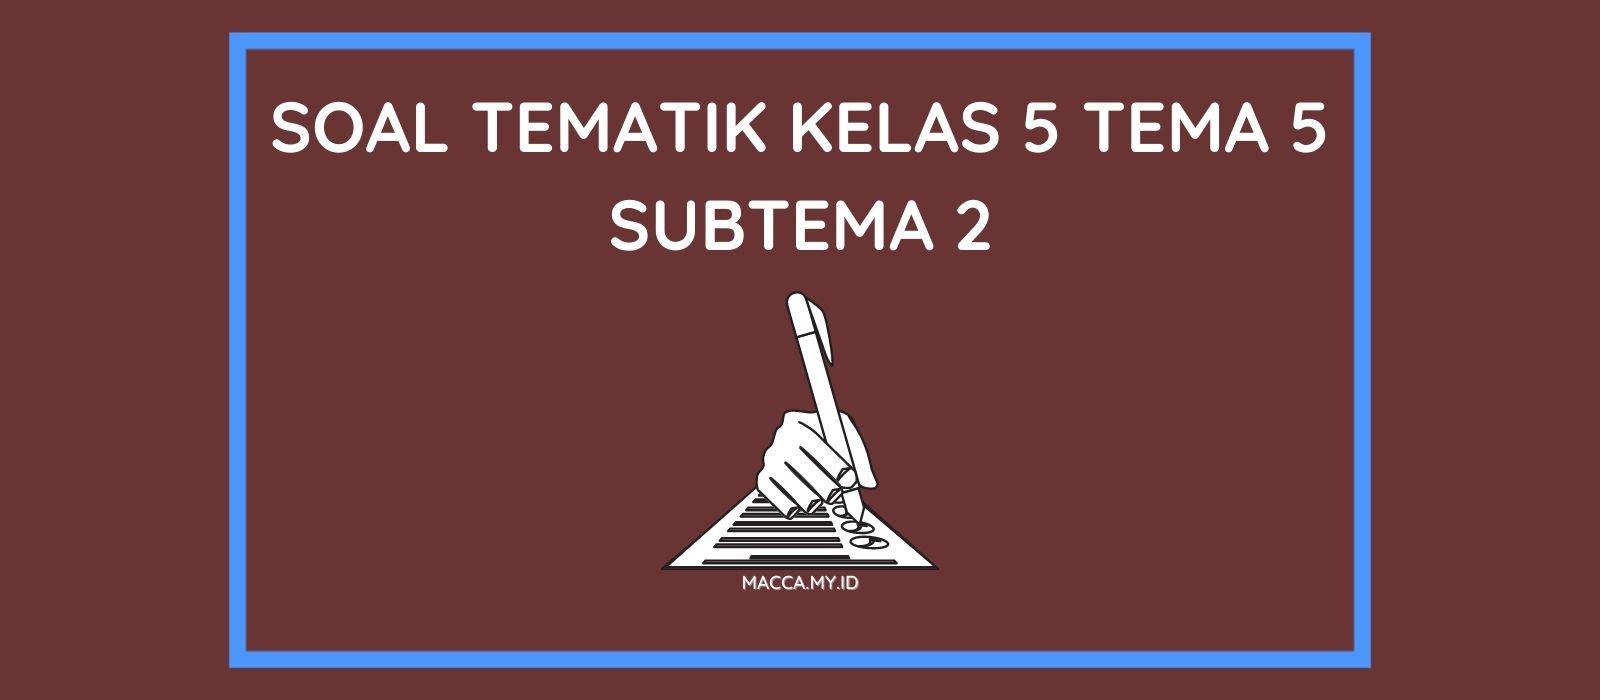 Soal Tematik Kelas 5 Tema 5 Subtema 2 dan Kunci Jawaban